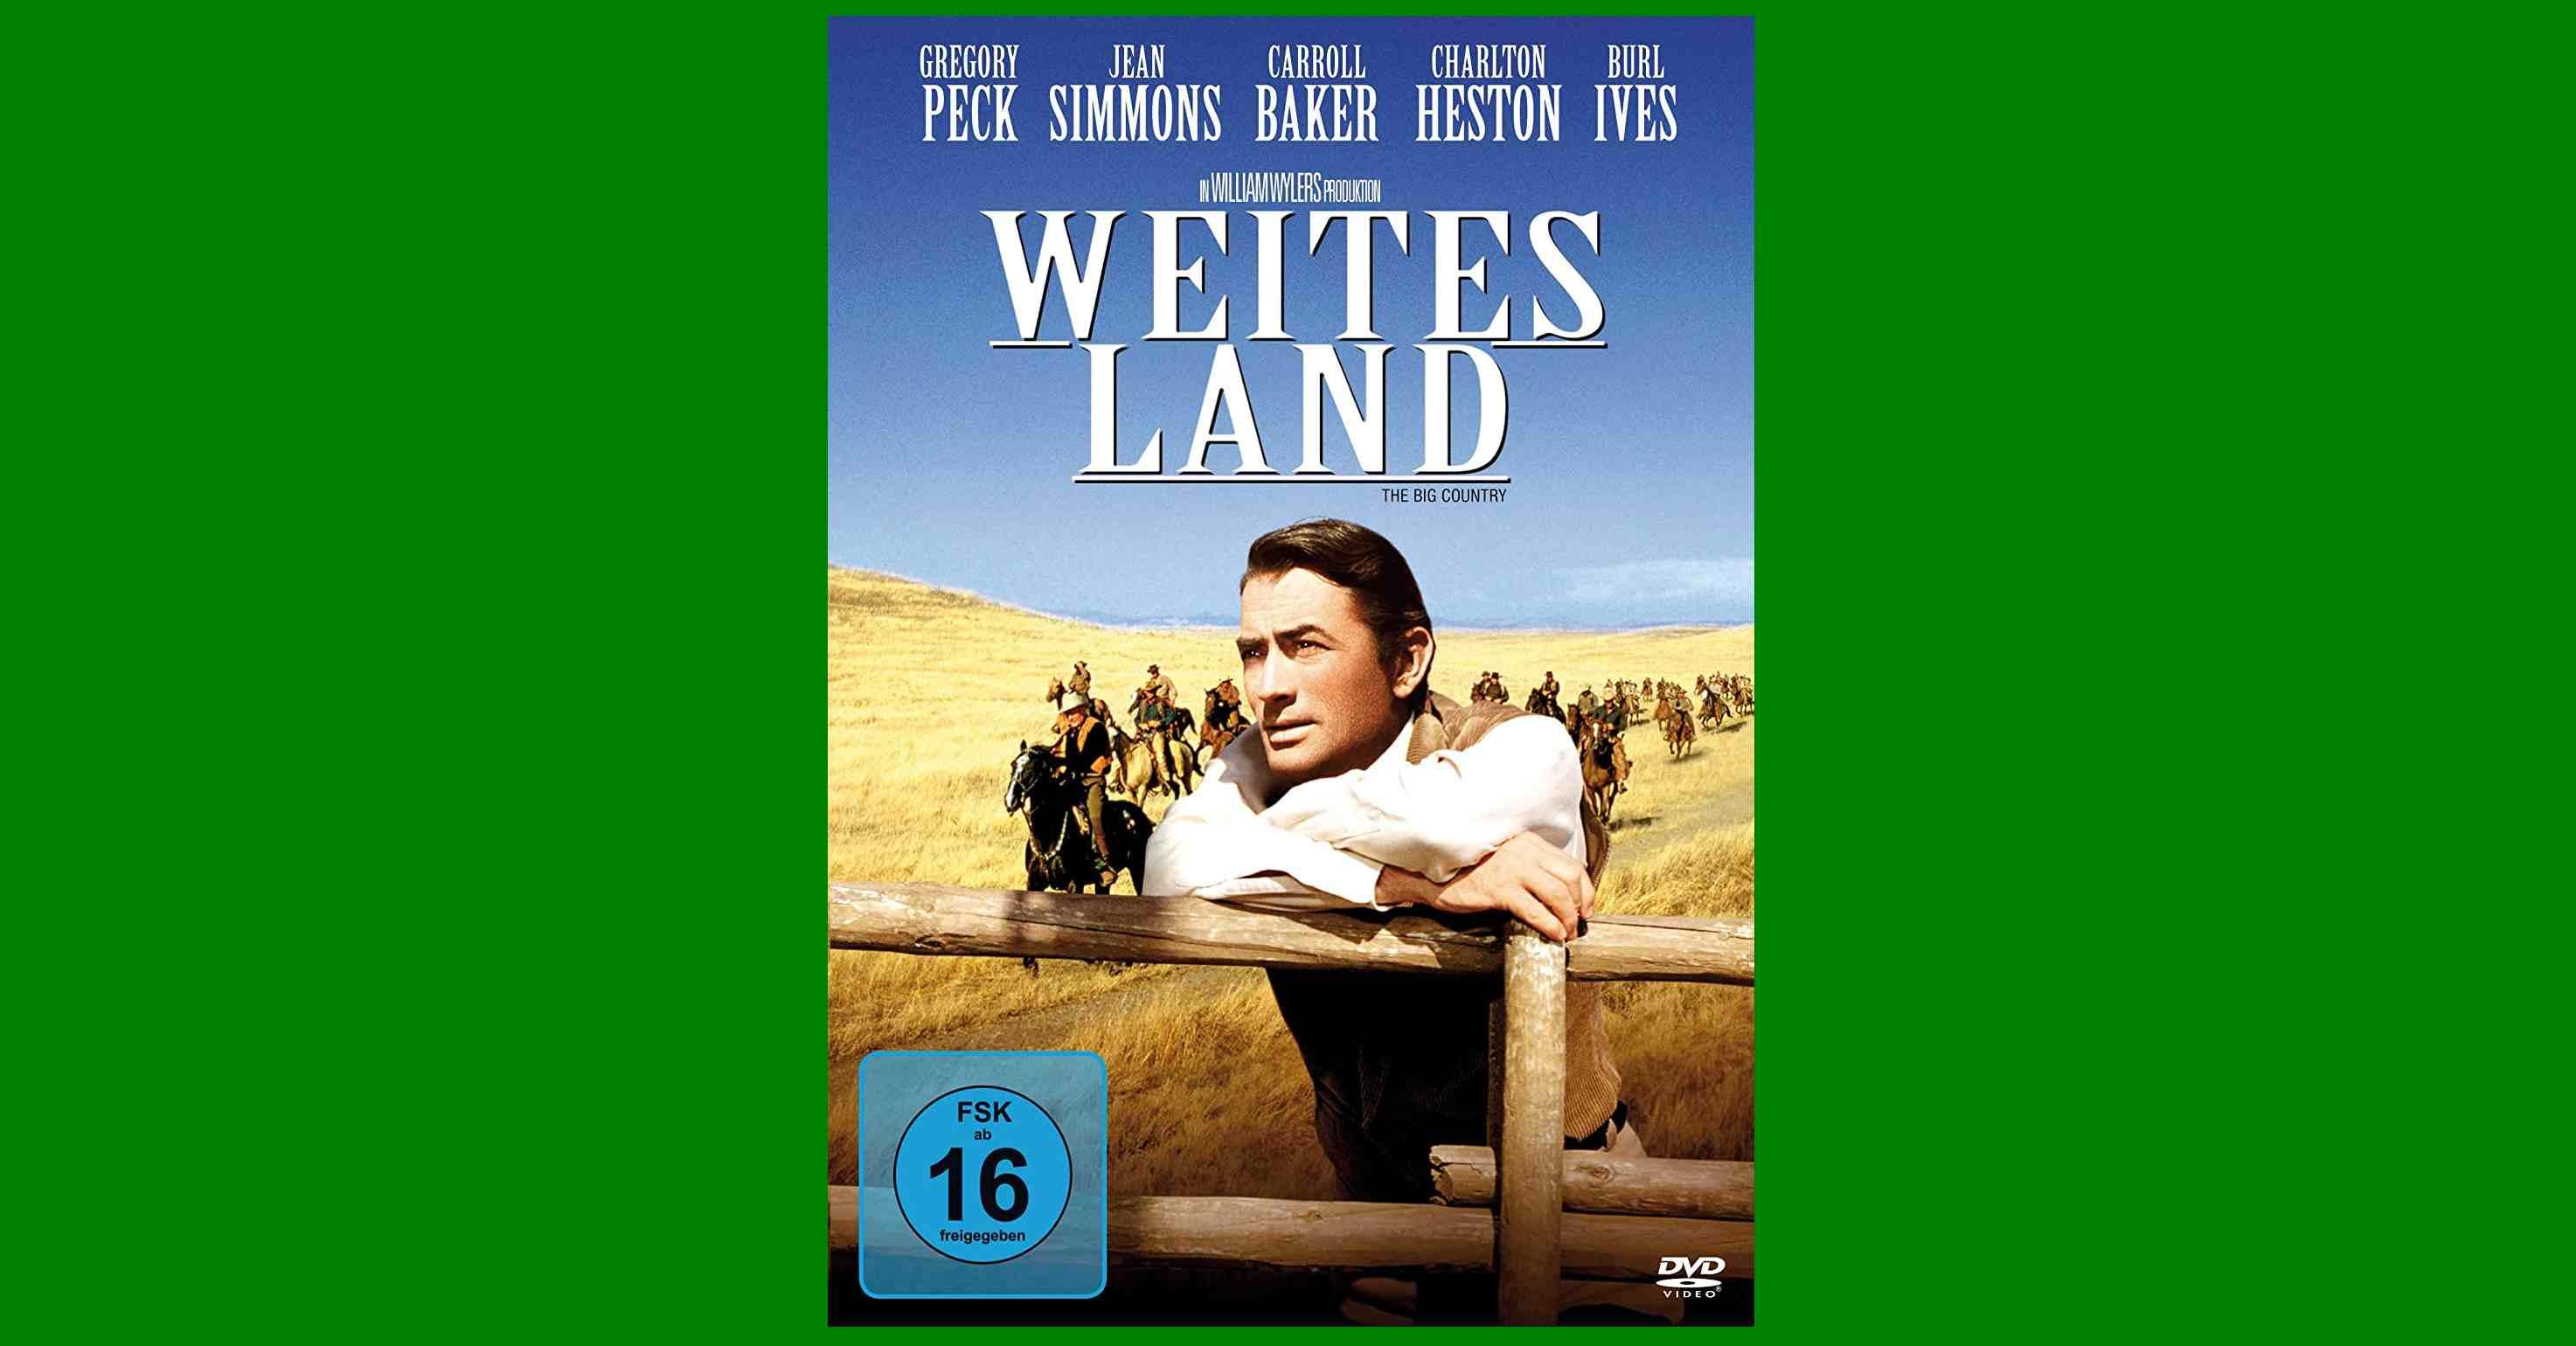 Weites_Land-Packshot